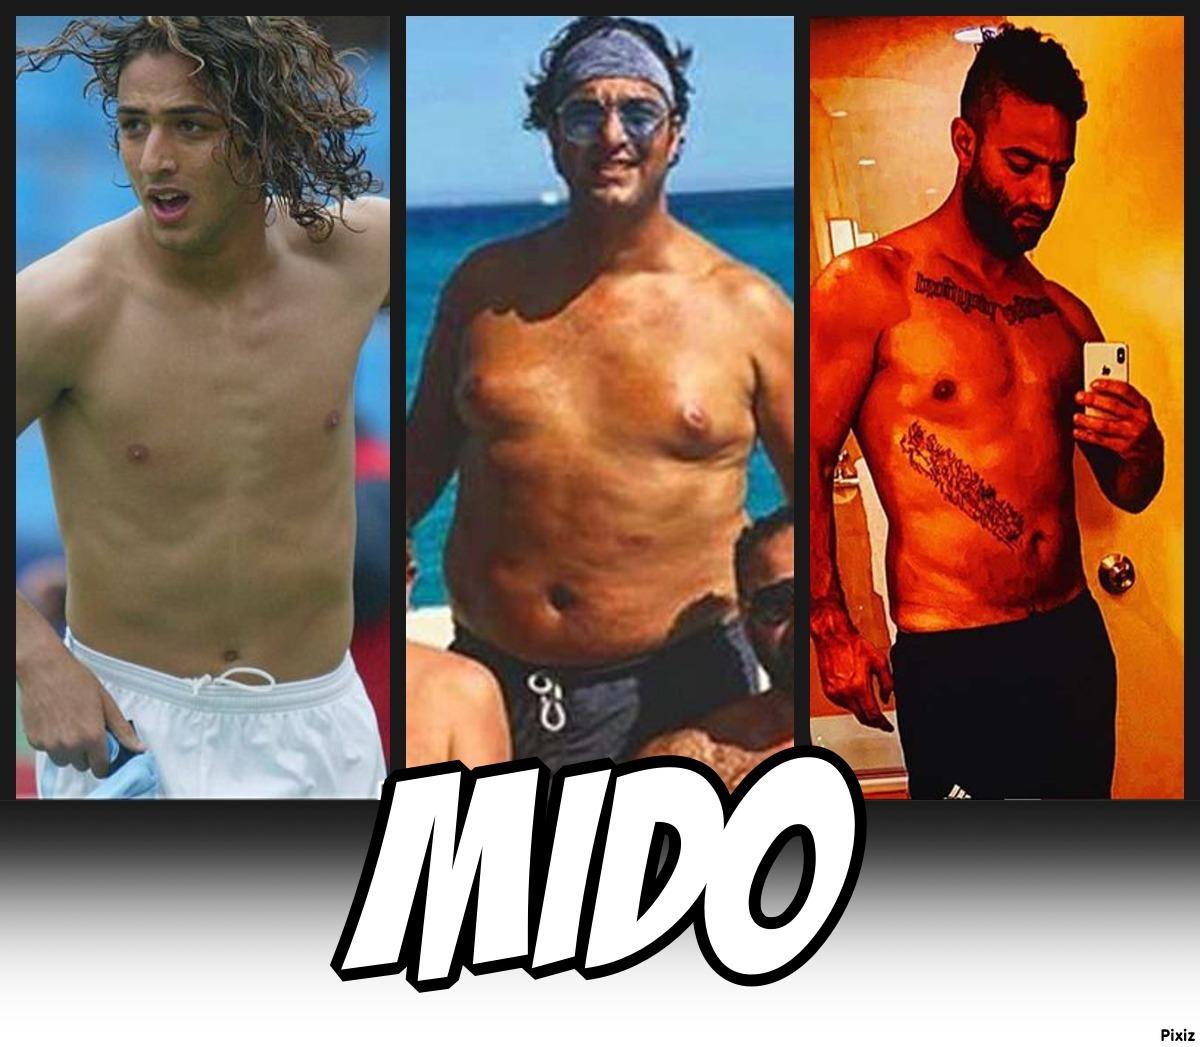 La increíble pérdida de peso del futbolista Mido